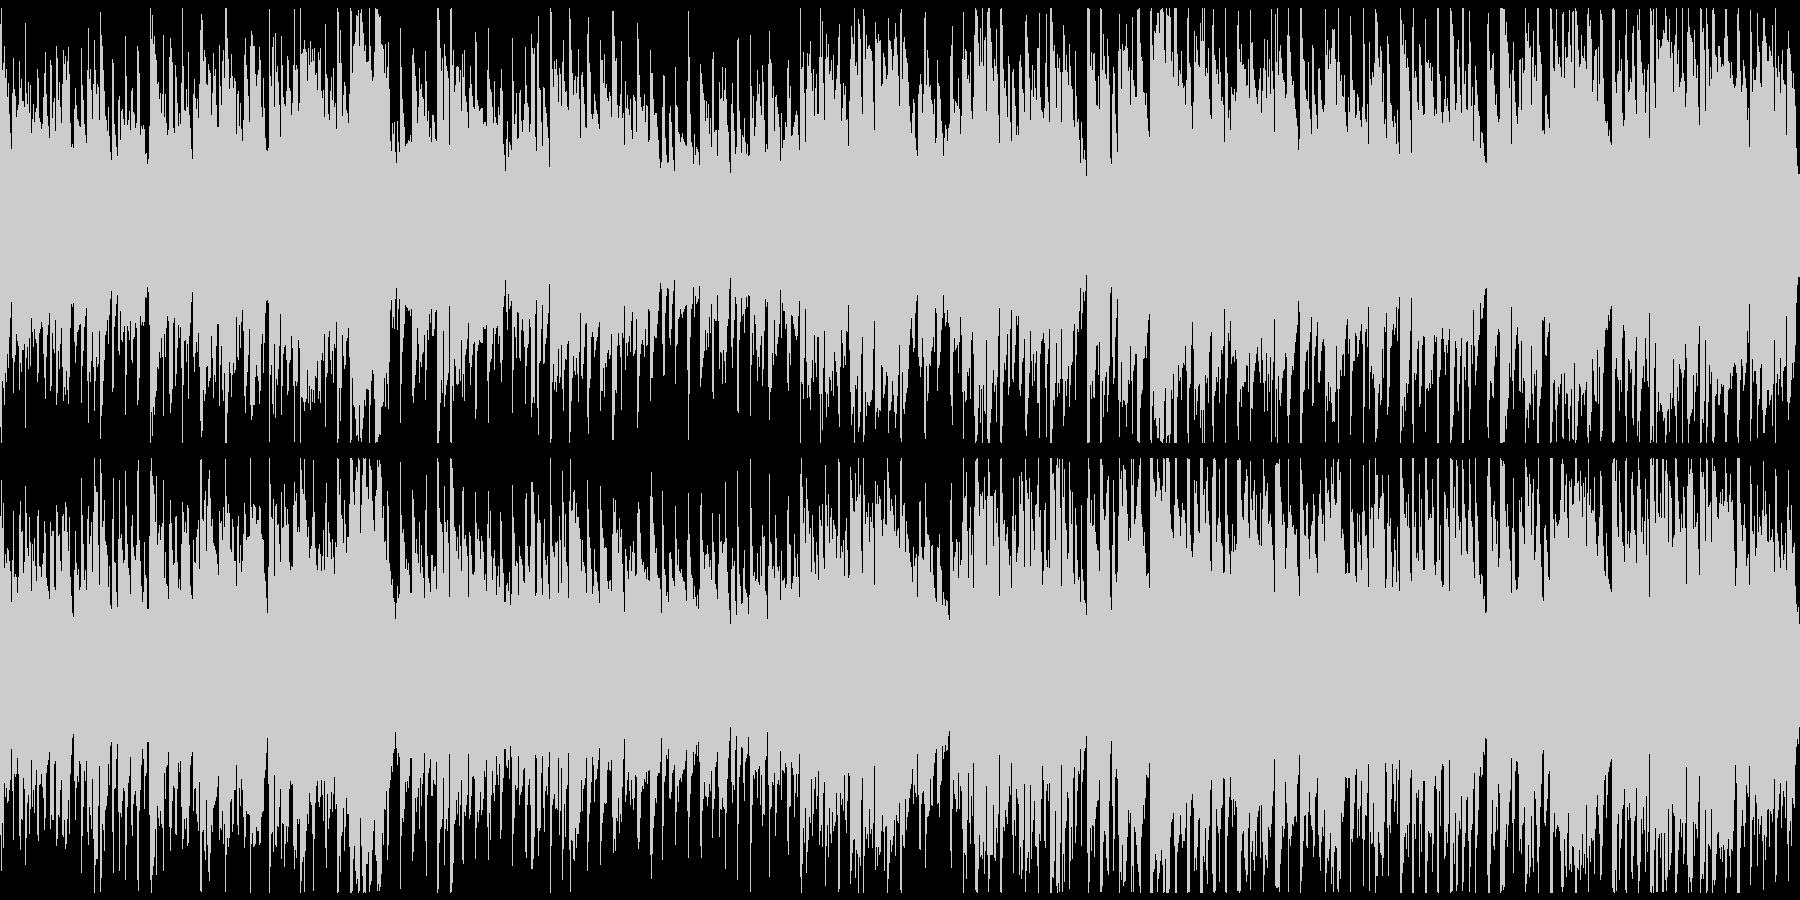 楽しく軽やかで弾むようなBGM※ループ版の未再生の波形